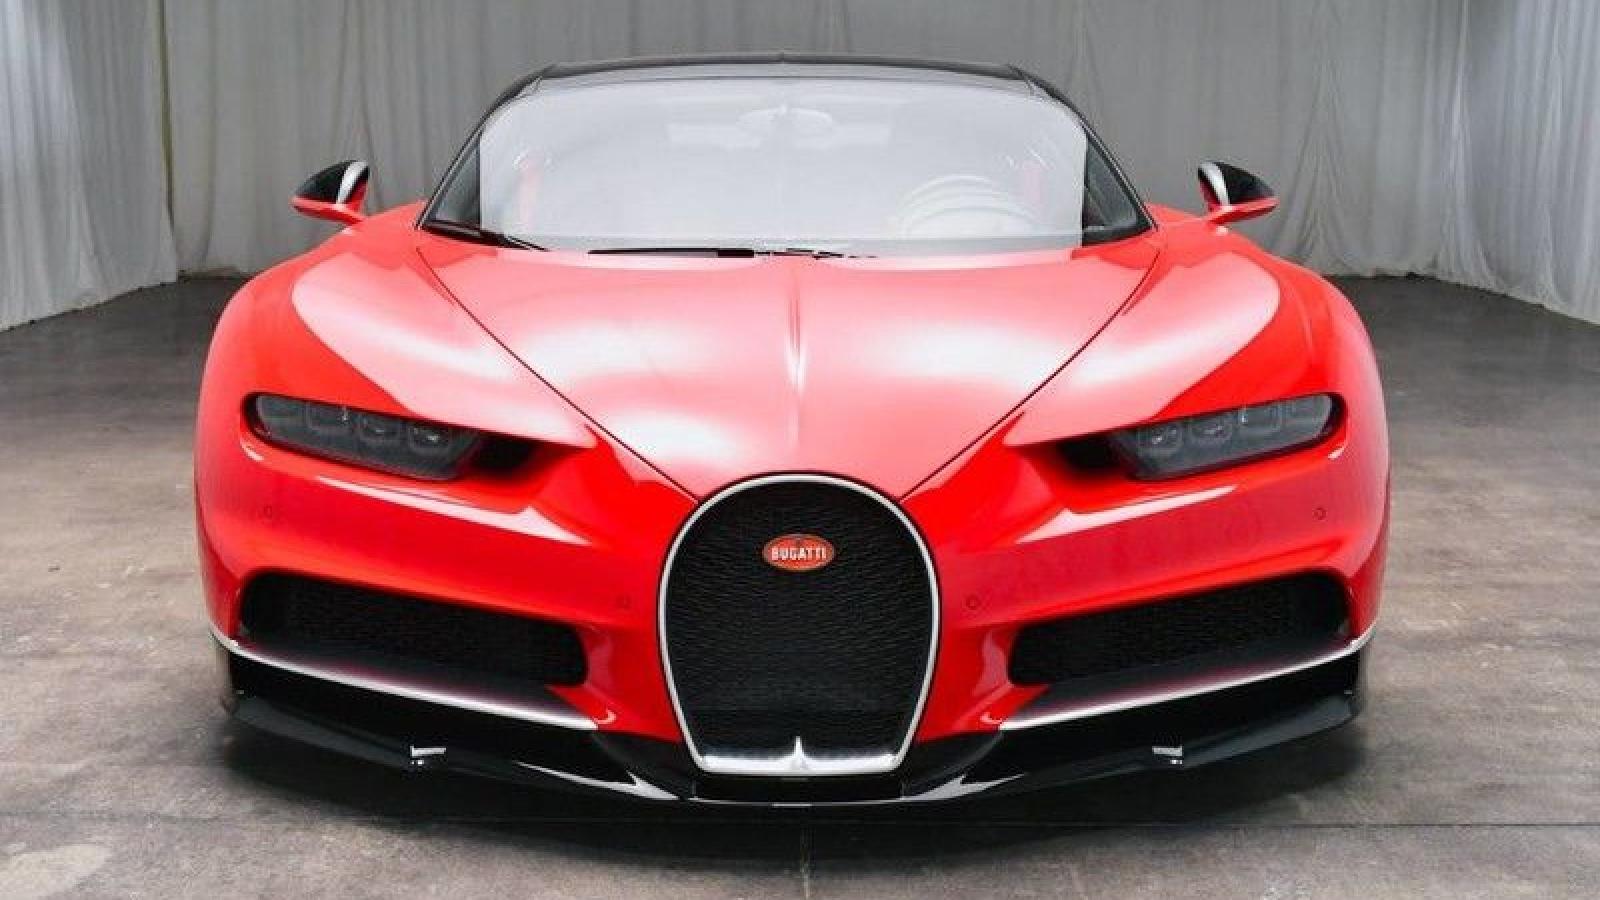 Chi tiết chiếc Bugatti Chiron đang được bán với giá 3,1 triệu USD